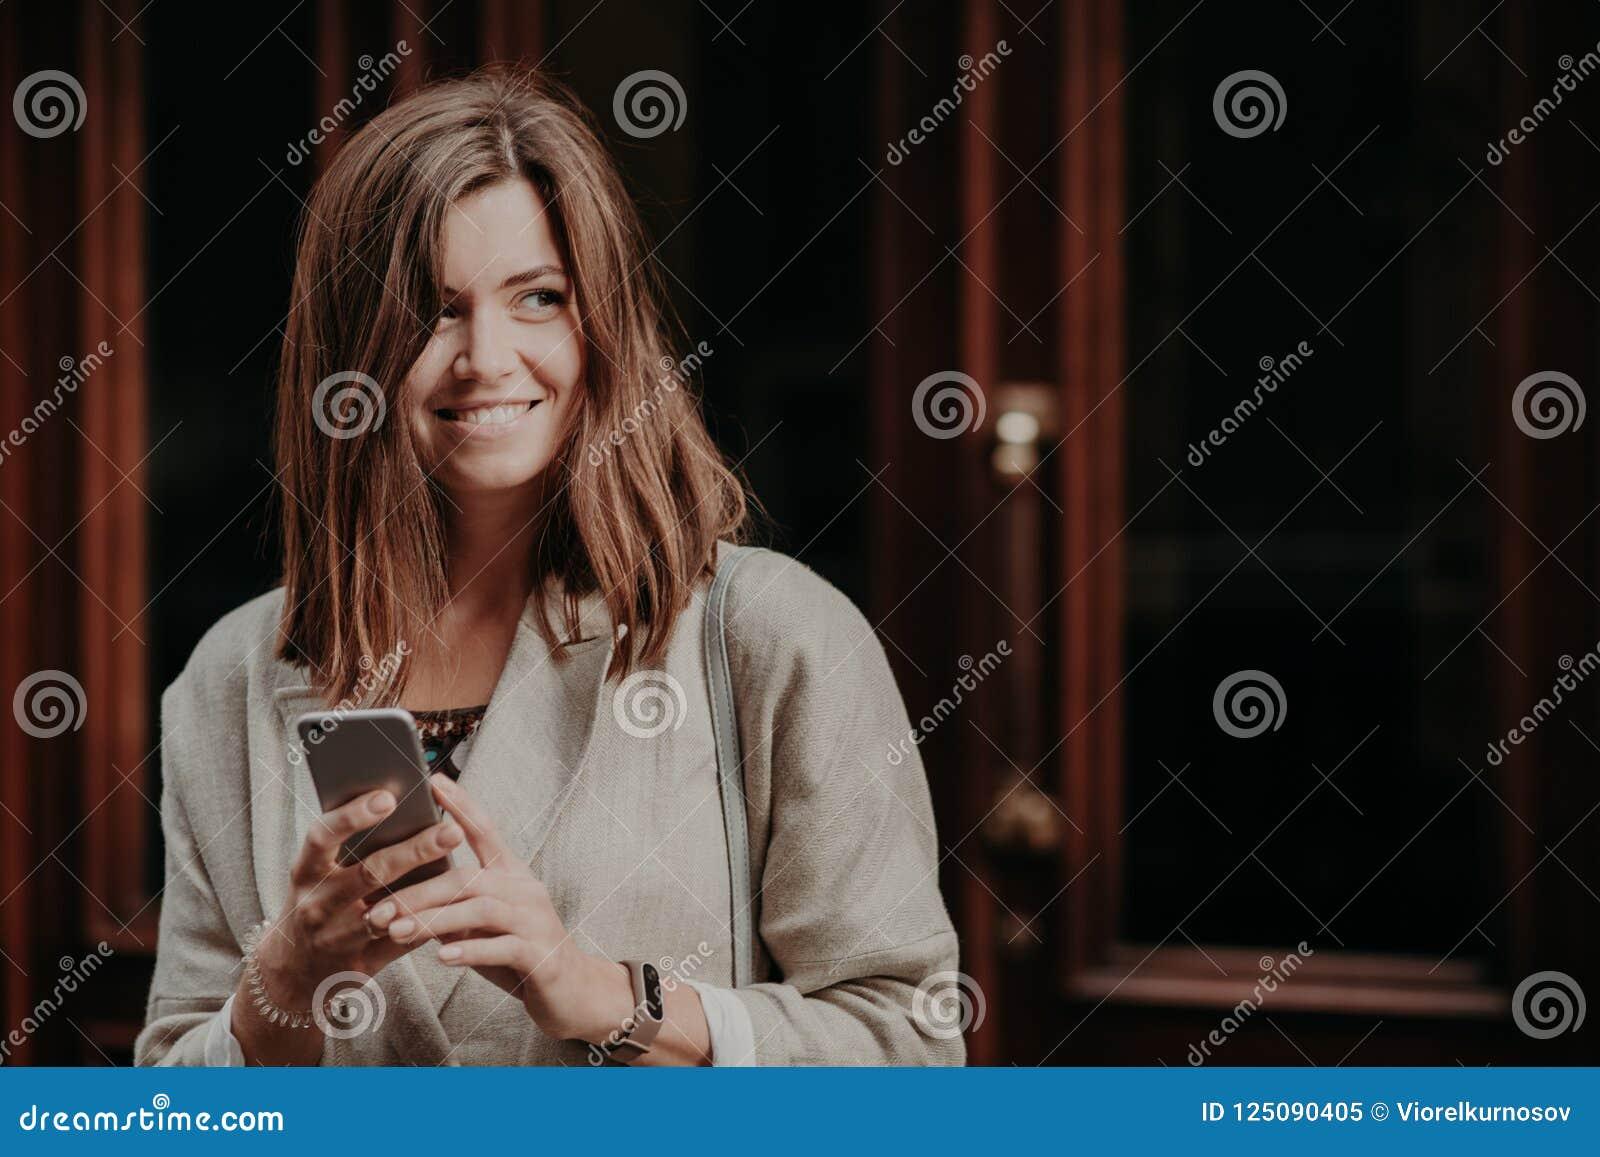 Foto der schönen Frau sucht Informationen, benutzt den Handy, gekleidet in der eleganten Jacke, Haltungen gegen Türhintergrund, B